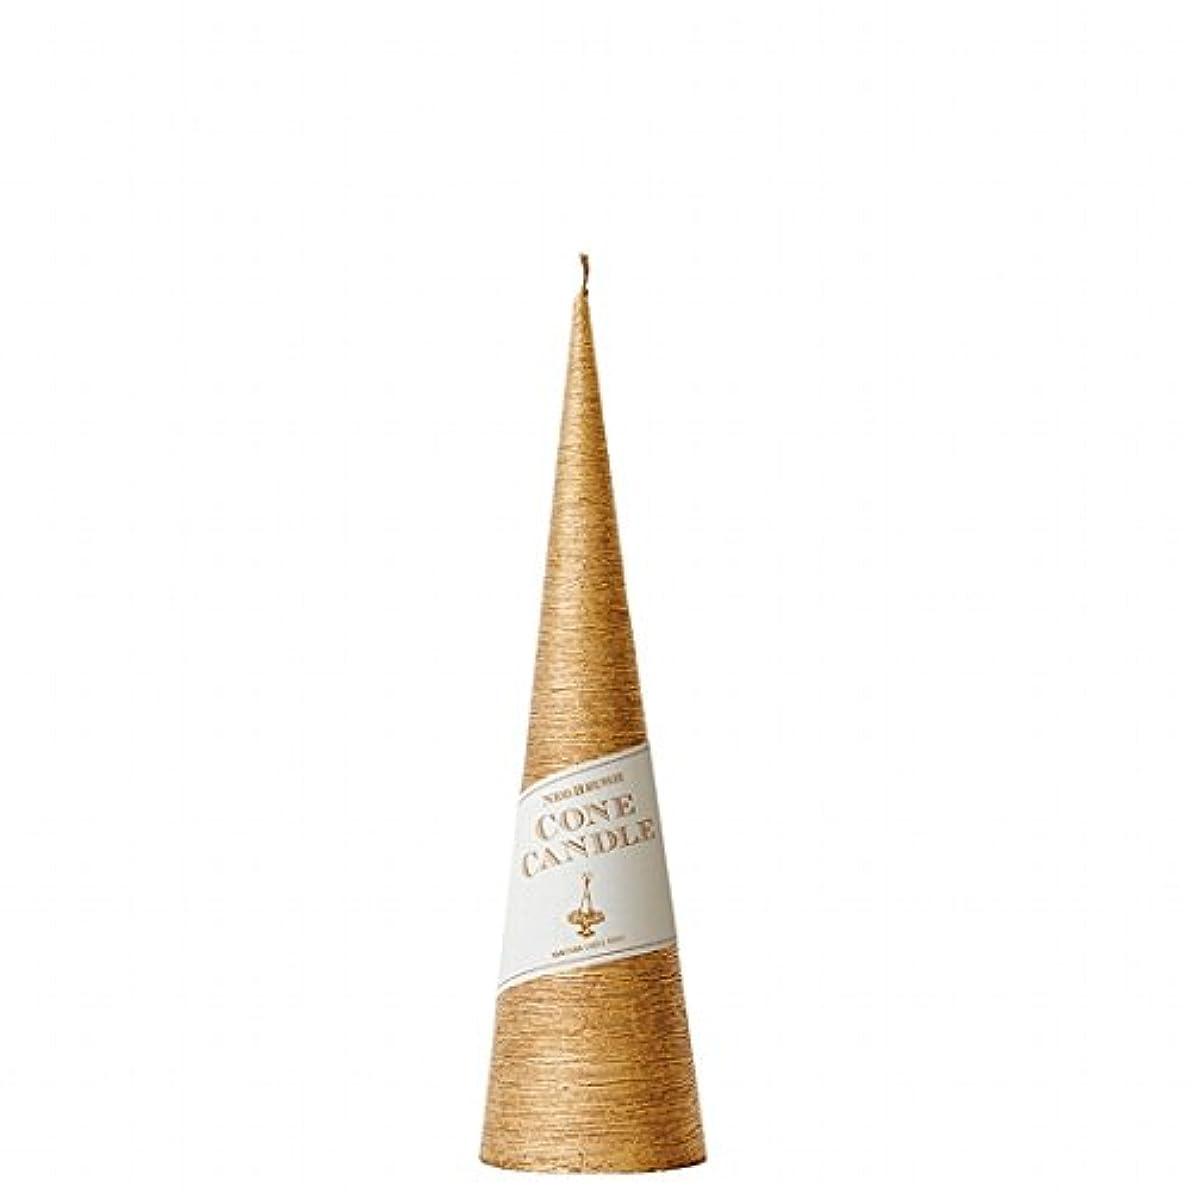 夜明けに害虫作るkameyama candle(カメヤマキャンドル) ネオブラッシュコーン 230 キャンドル 「 ゴールド 」 6個セット(A9750120GO)